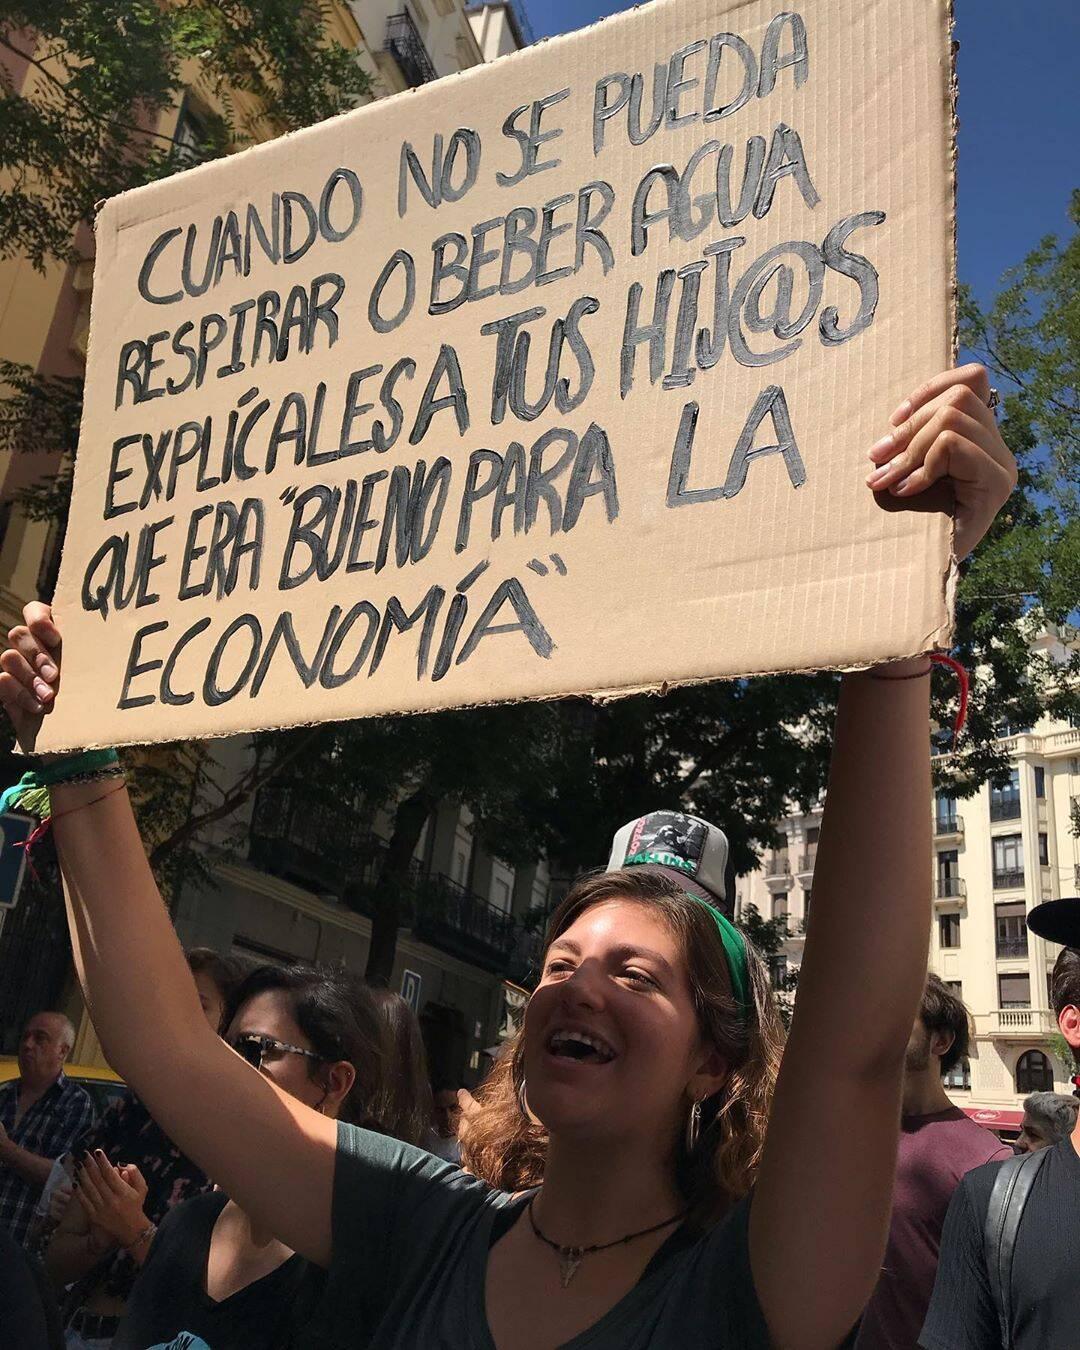 """O aviso da manifestante: """"Quando não se puder mais respirar ou beber água, explica aos seus filhos que 'era bom para a economia'"""", em Madri /Foto: Reprodução"""